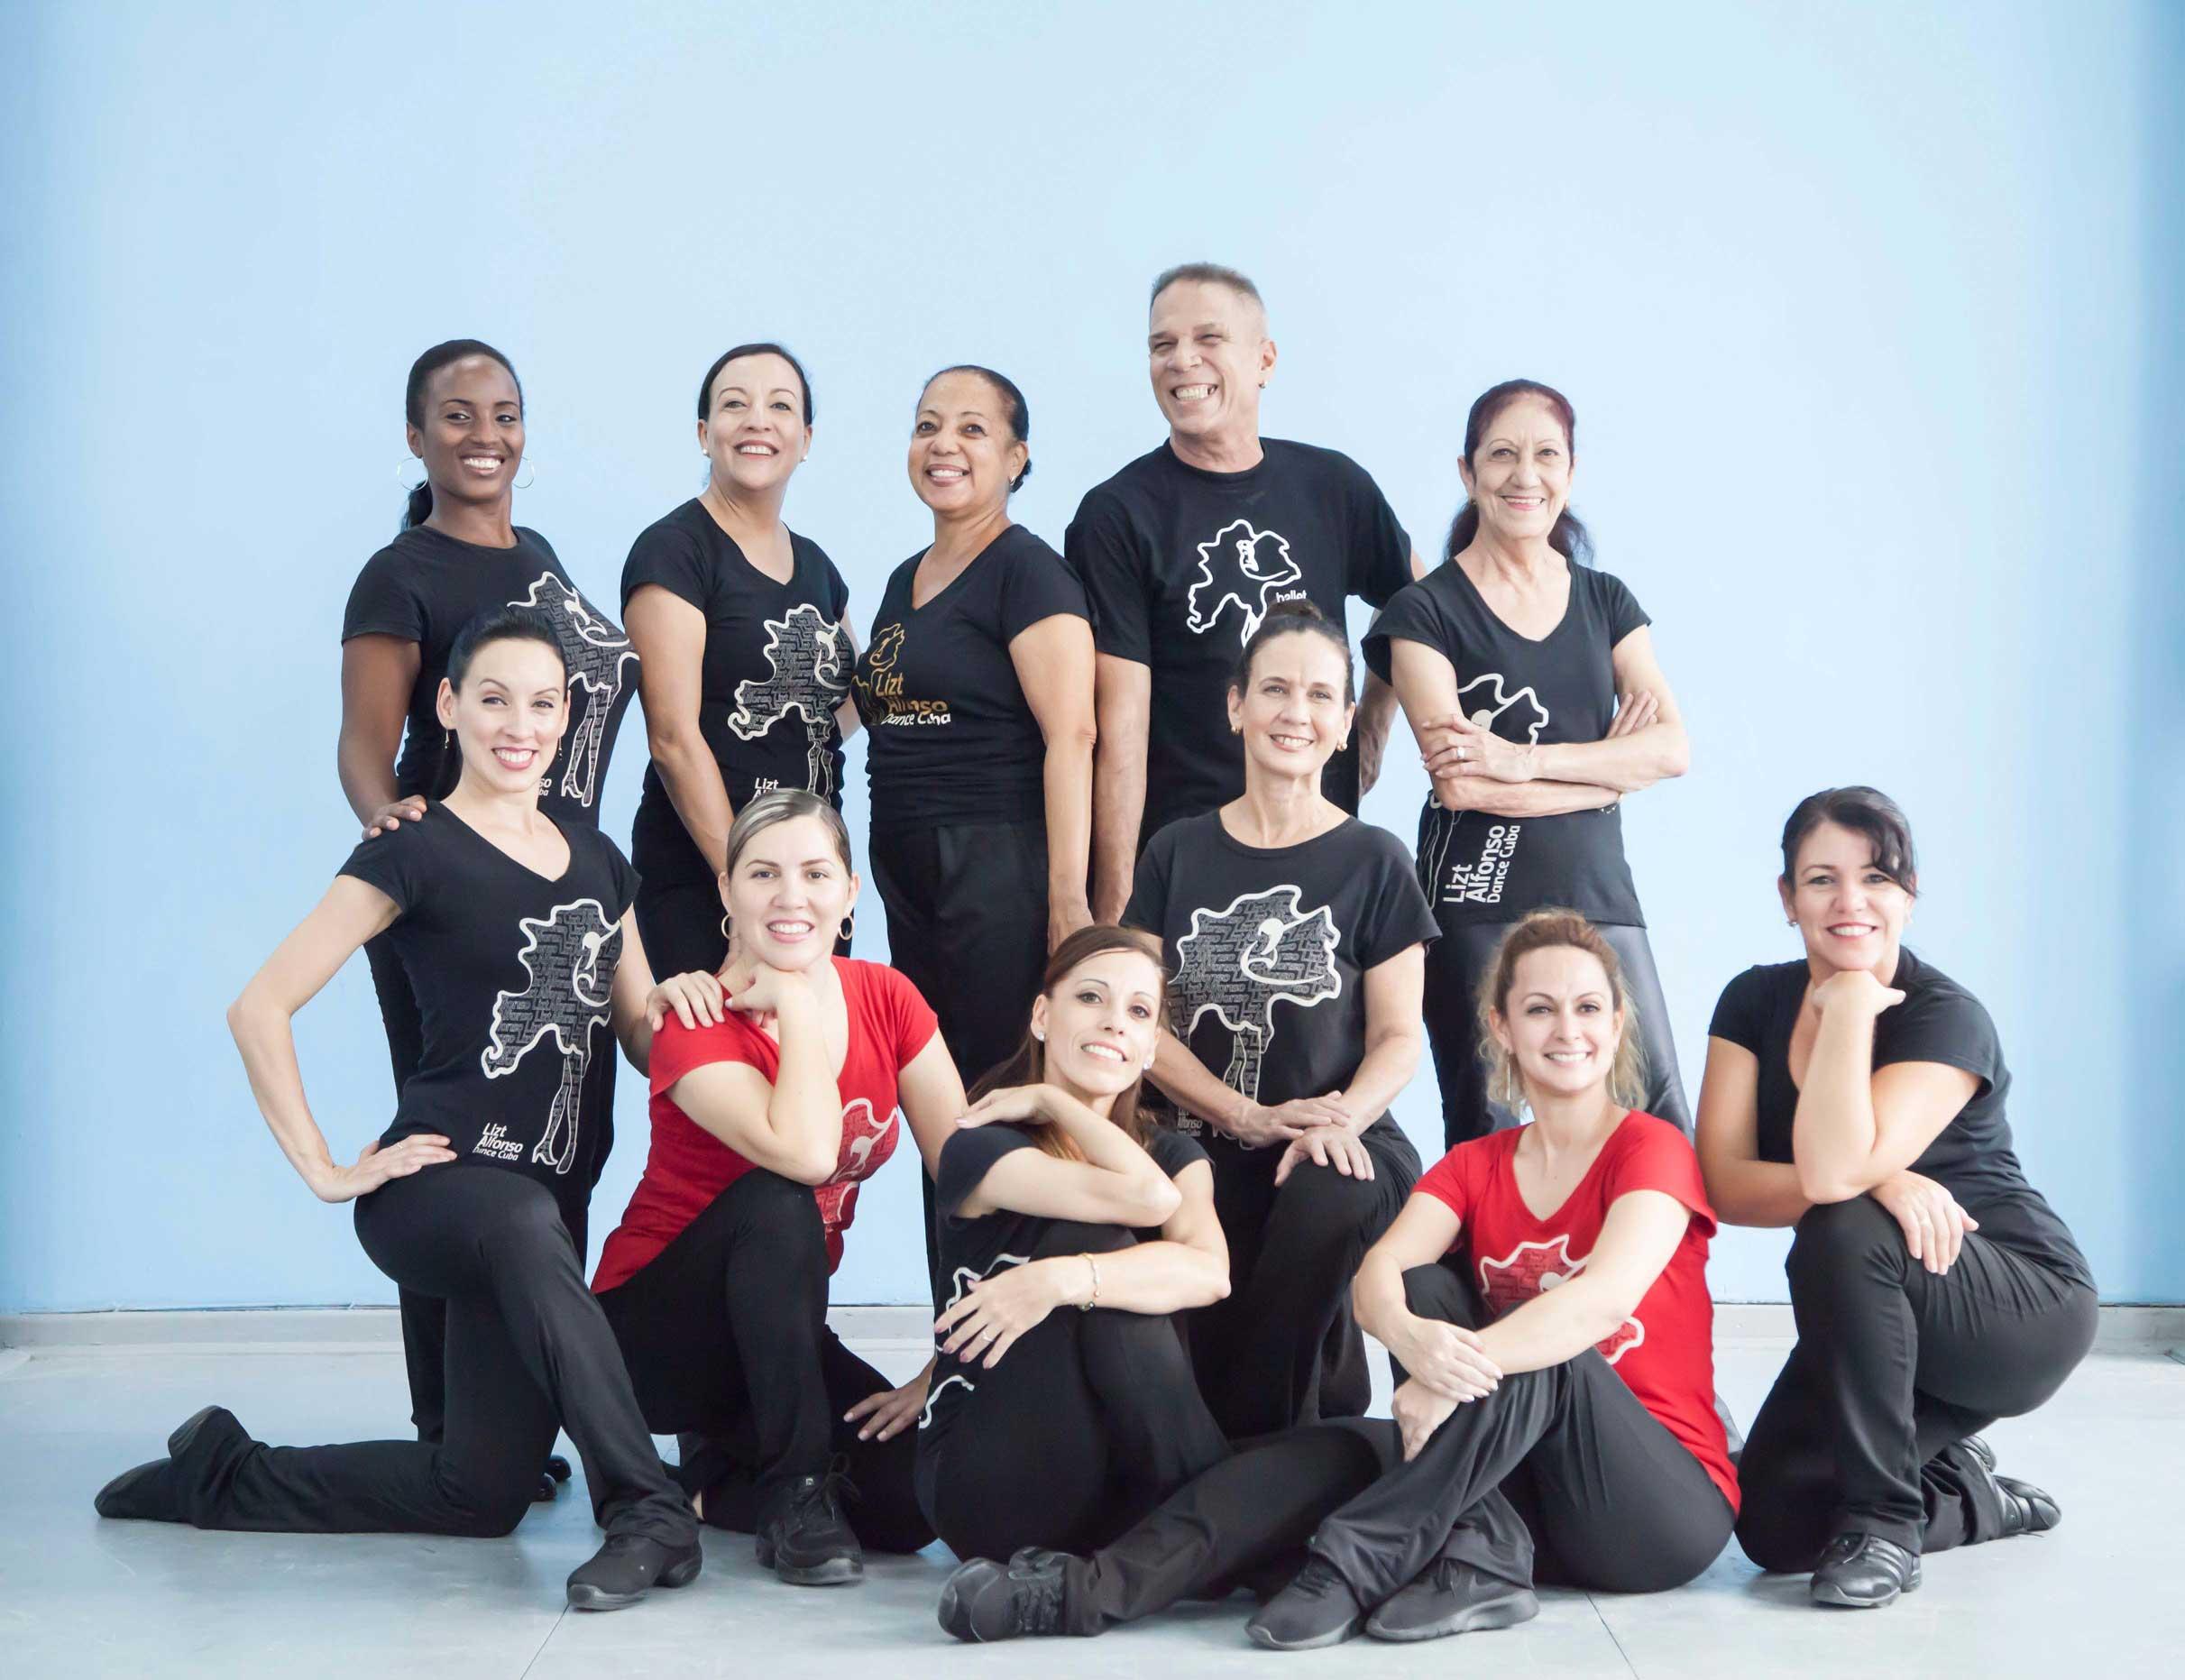 Parte del staff de maestros y ensayadores de la Compañía. Foto: Lizt Alfonso Dance Cuba.